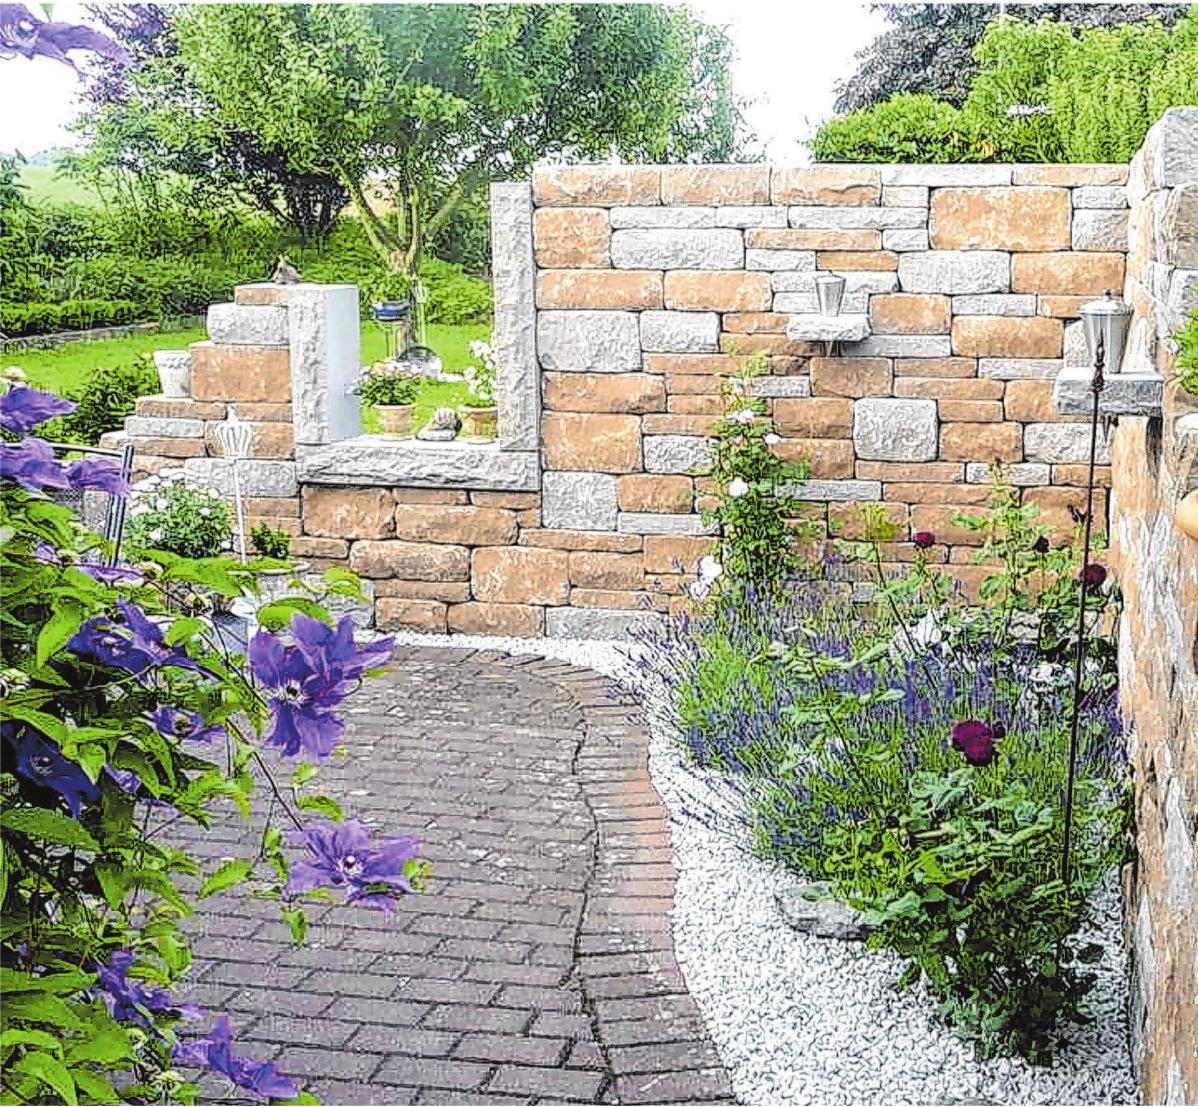 Selbst Gartenmauern, Abtrennungen oder auch ein Blickschutz lassen sich mit Betonsteinen realisieren. Foto: djd/betonstein.org